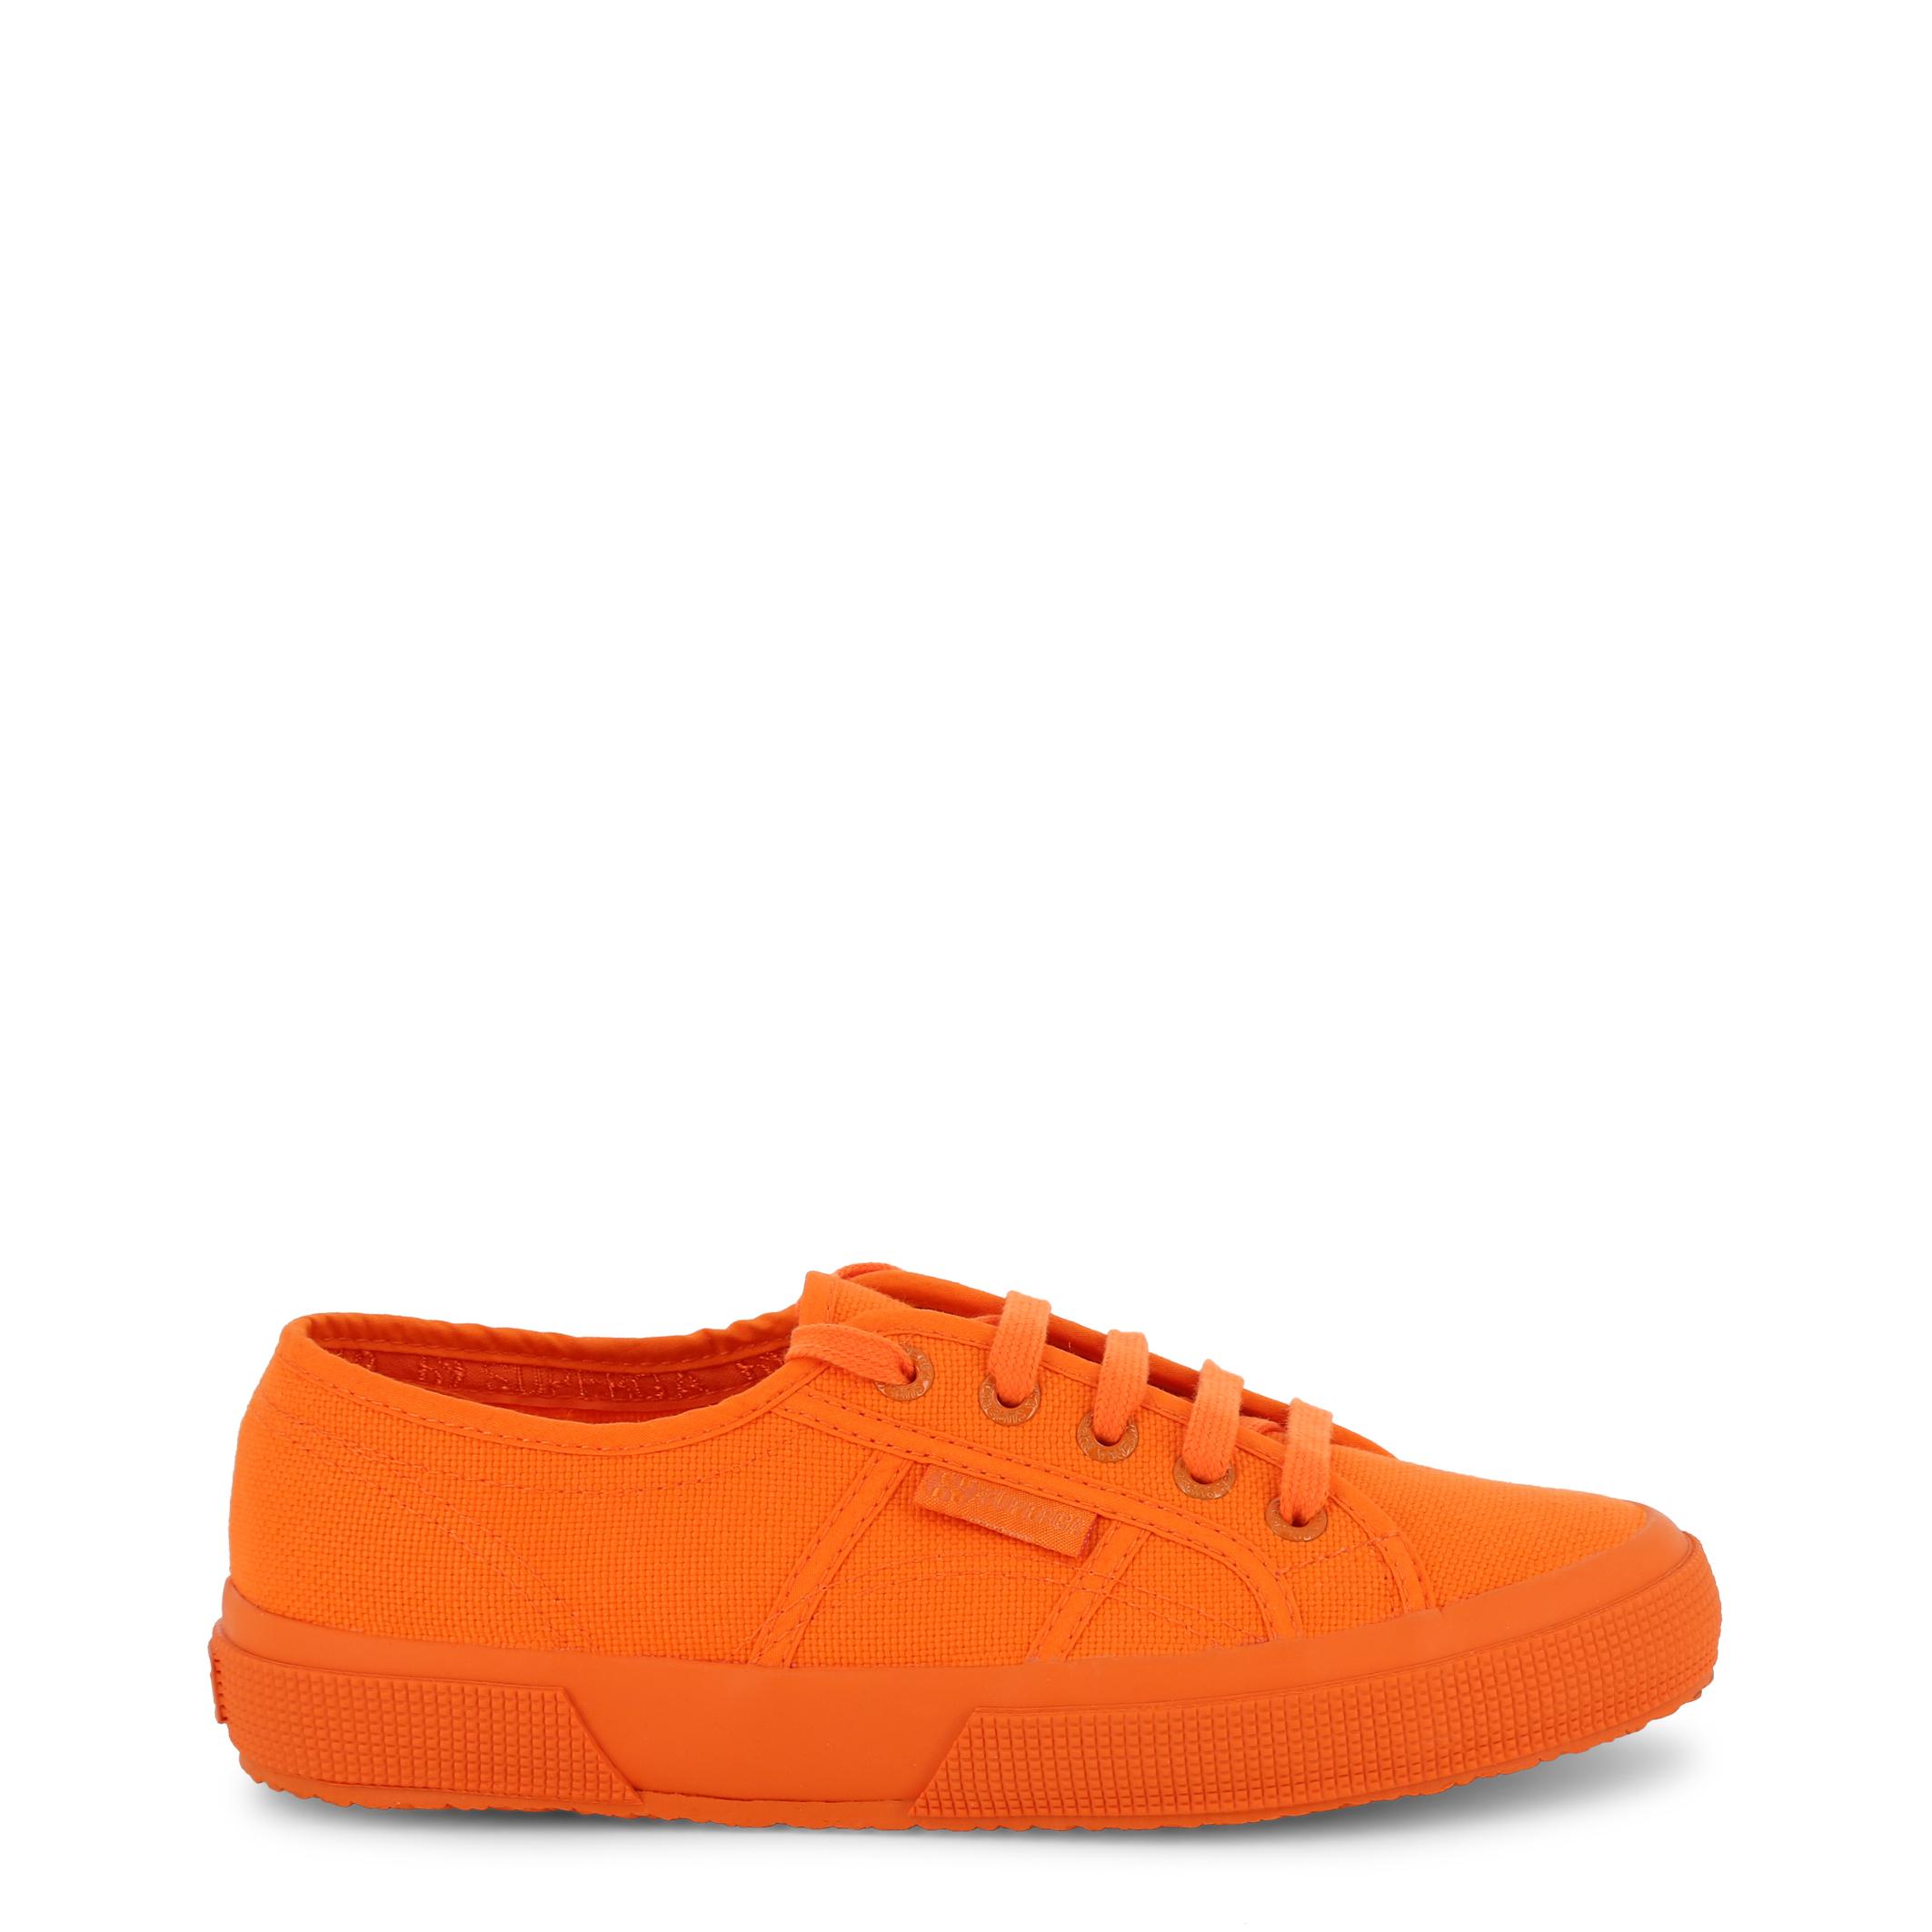 Chaussures de ville  Superga 2750-COTU-CLASSIC orange